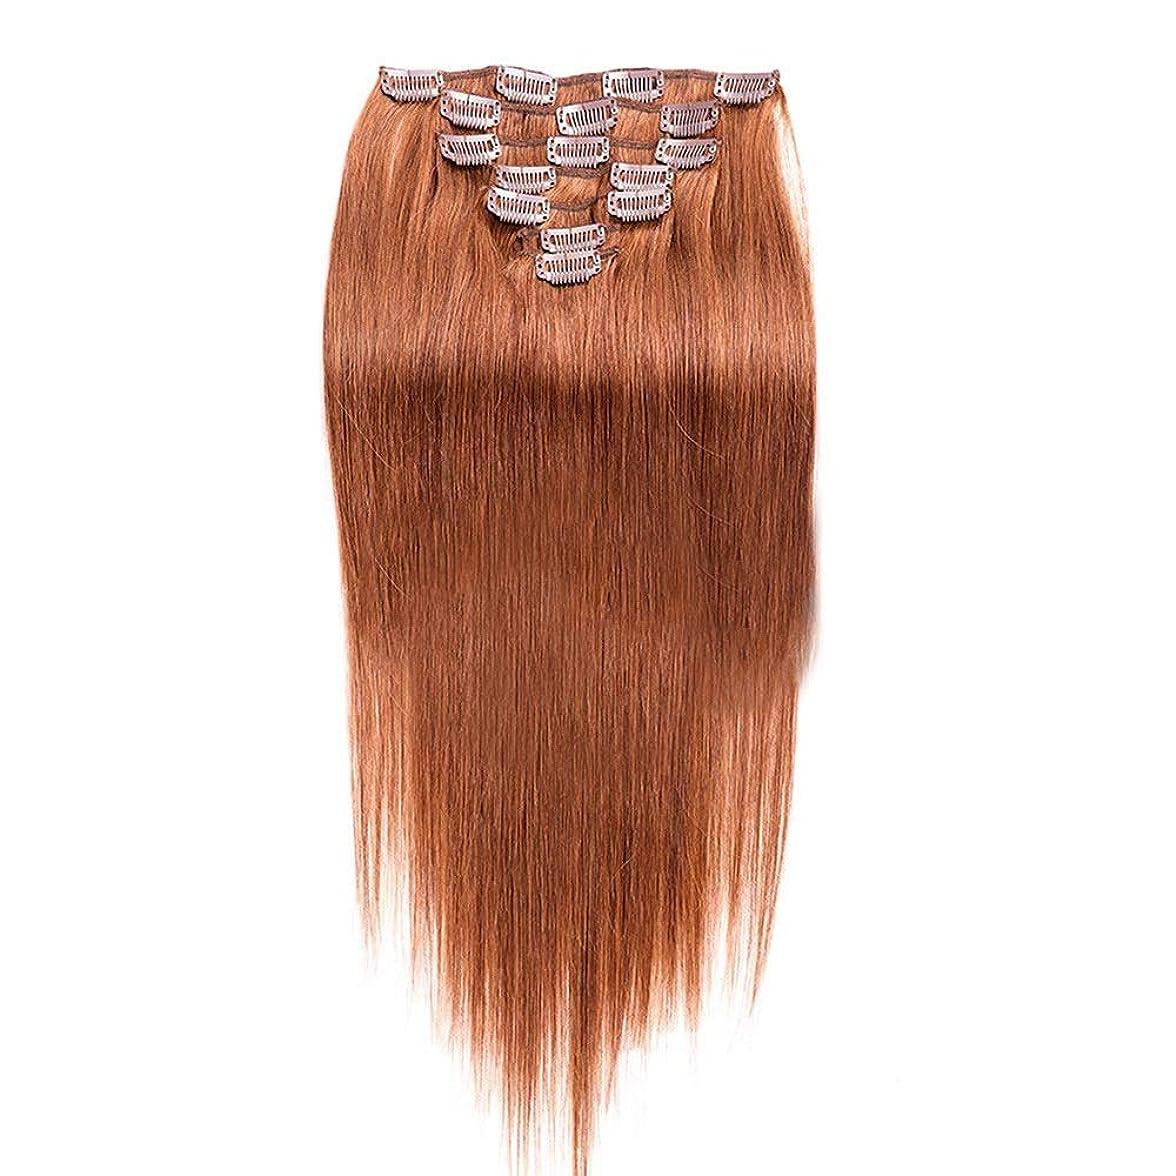 巻き取り全滅させる柔らかいHOHYLLYA 人間の髪の毛の拡張子でリアルクリップ - 16インチ7個 - #30茶色がかった黄色の絹のようなストレートヘアピースロールプレイングかつら女性の自然なかつら (色 : #30 Brownish yellow)